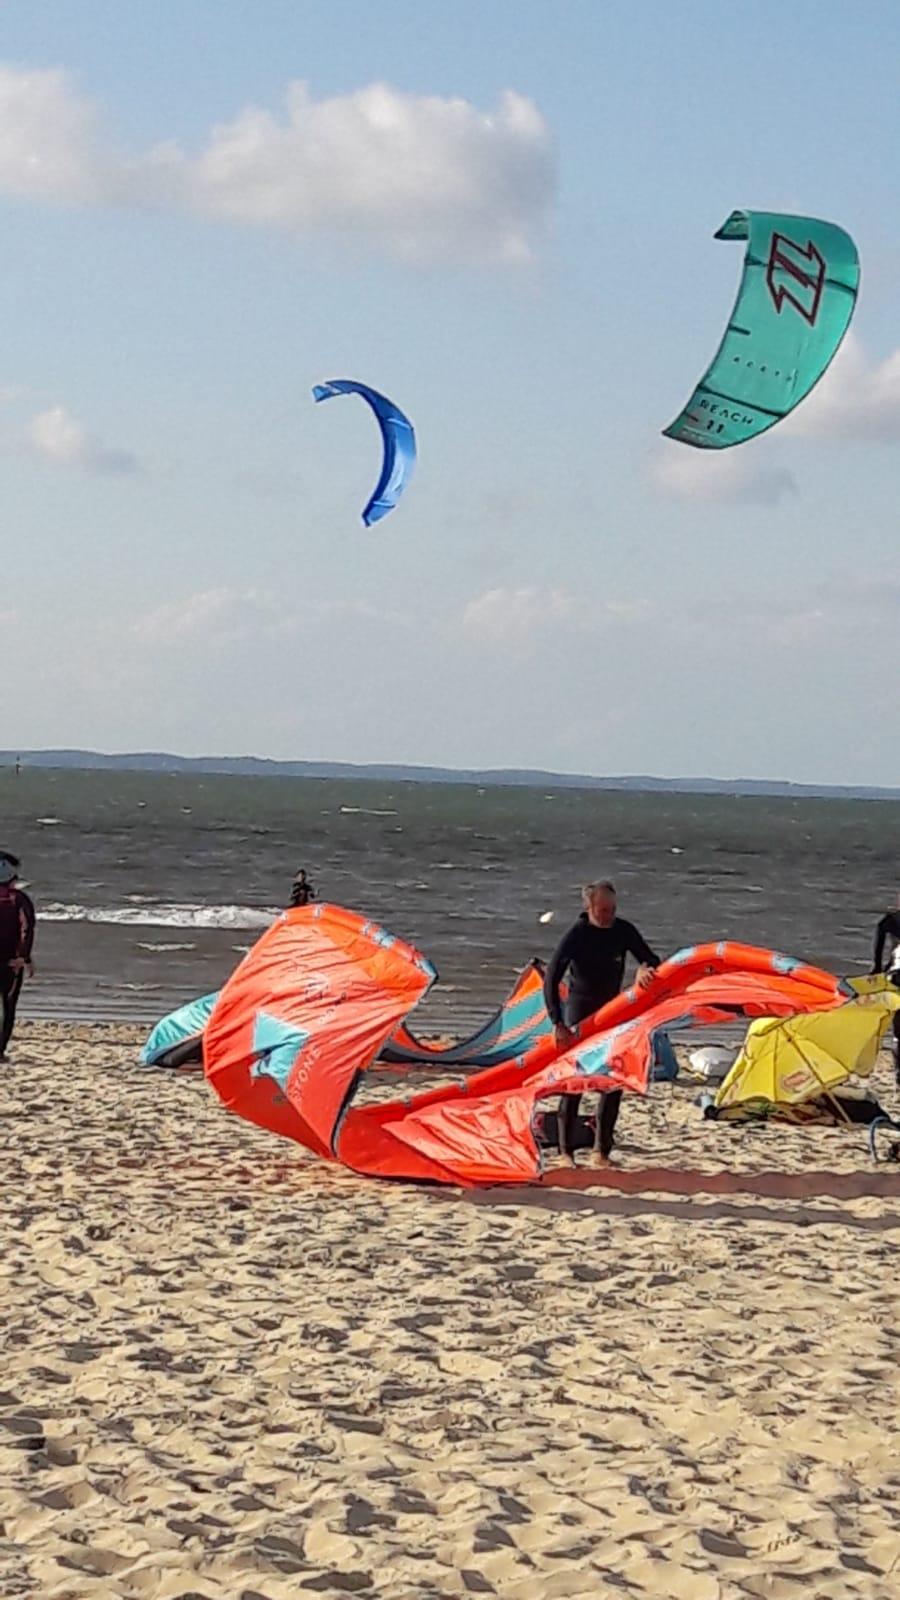 Déployer les voiles des kites (photo F. Grange)